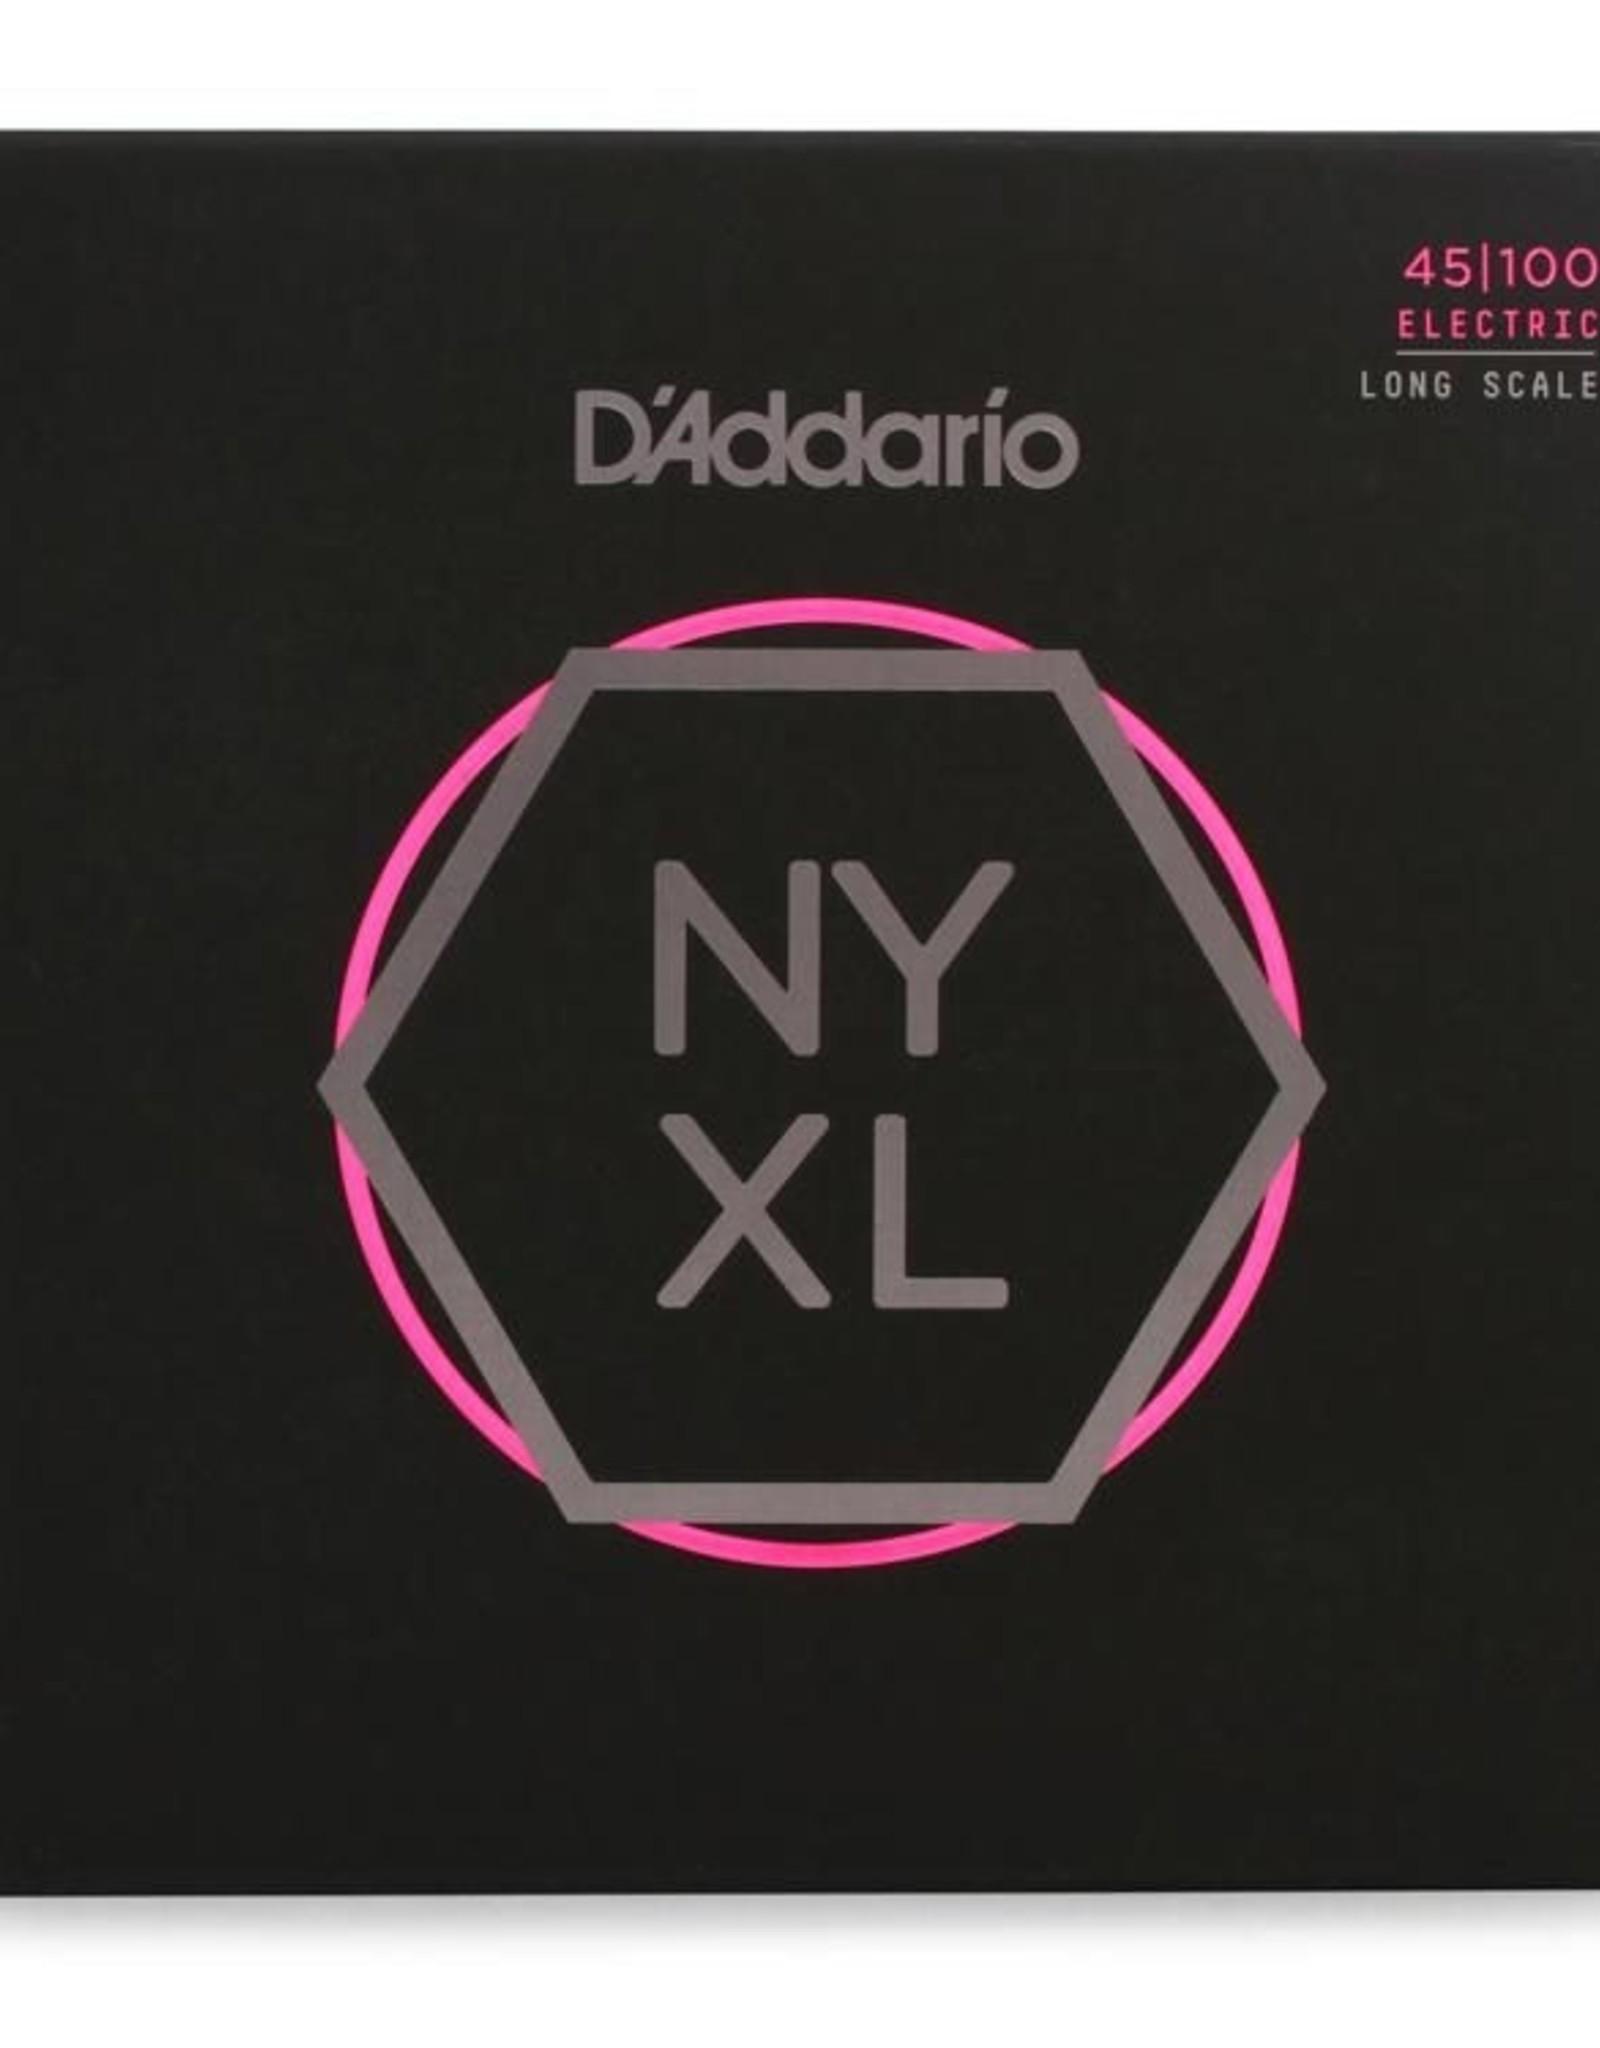 D'Addario D'Addario NYXL 45-100 Nickel Long Scale Bass Strings